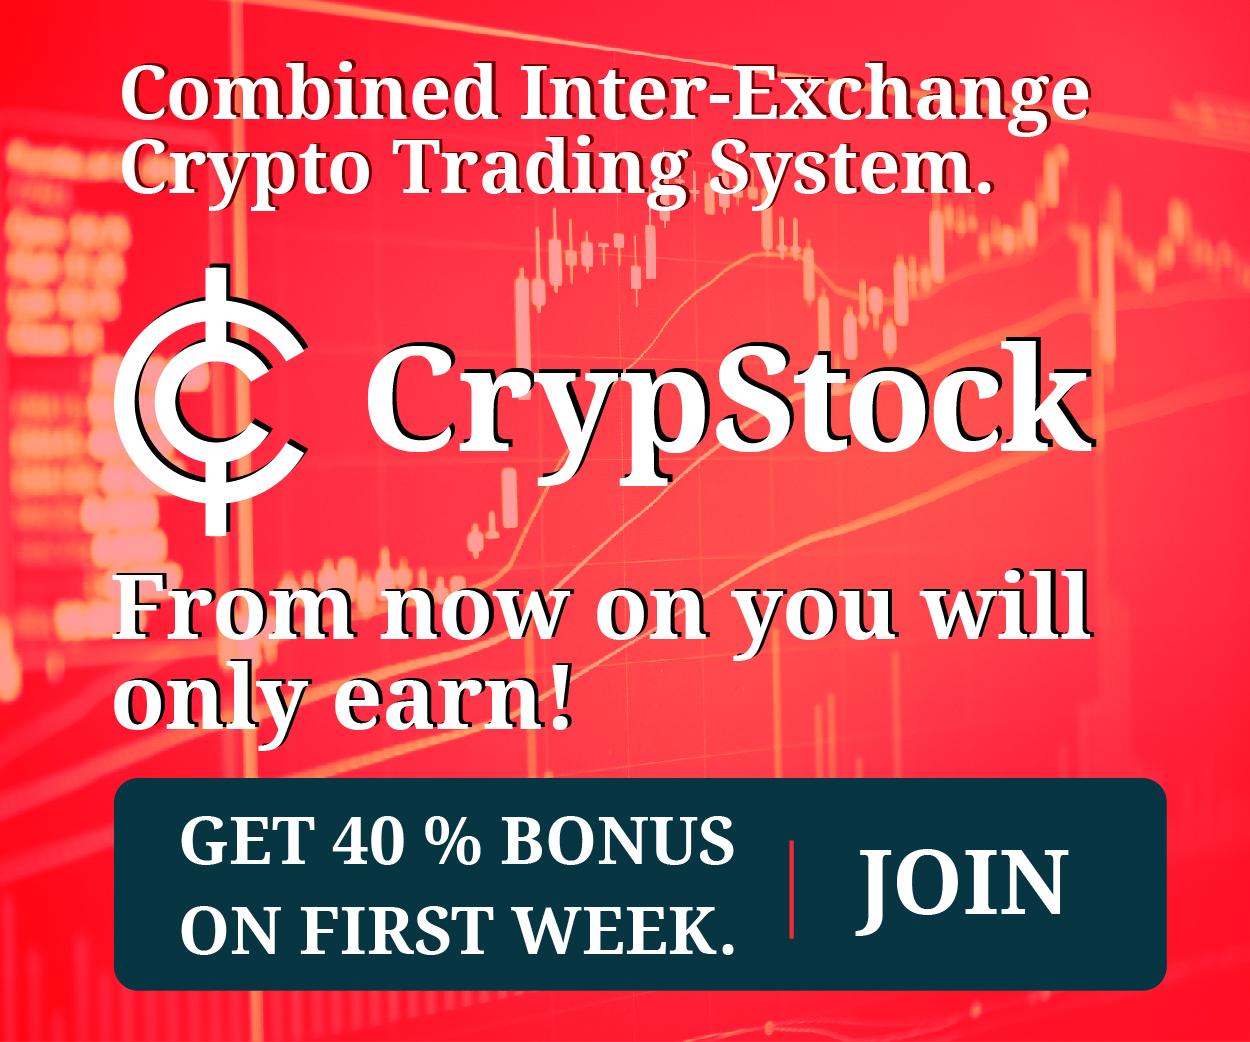 crypstock.io